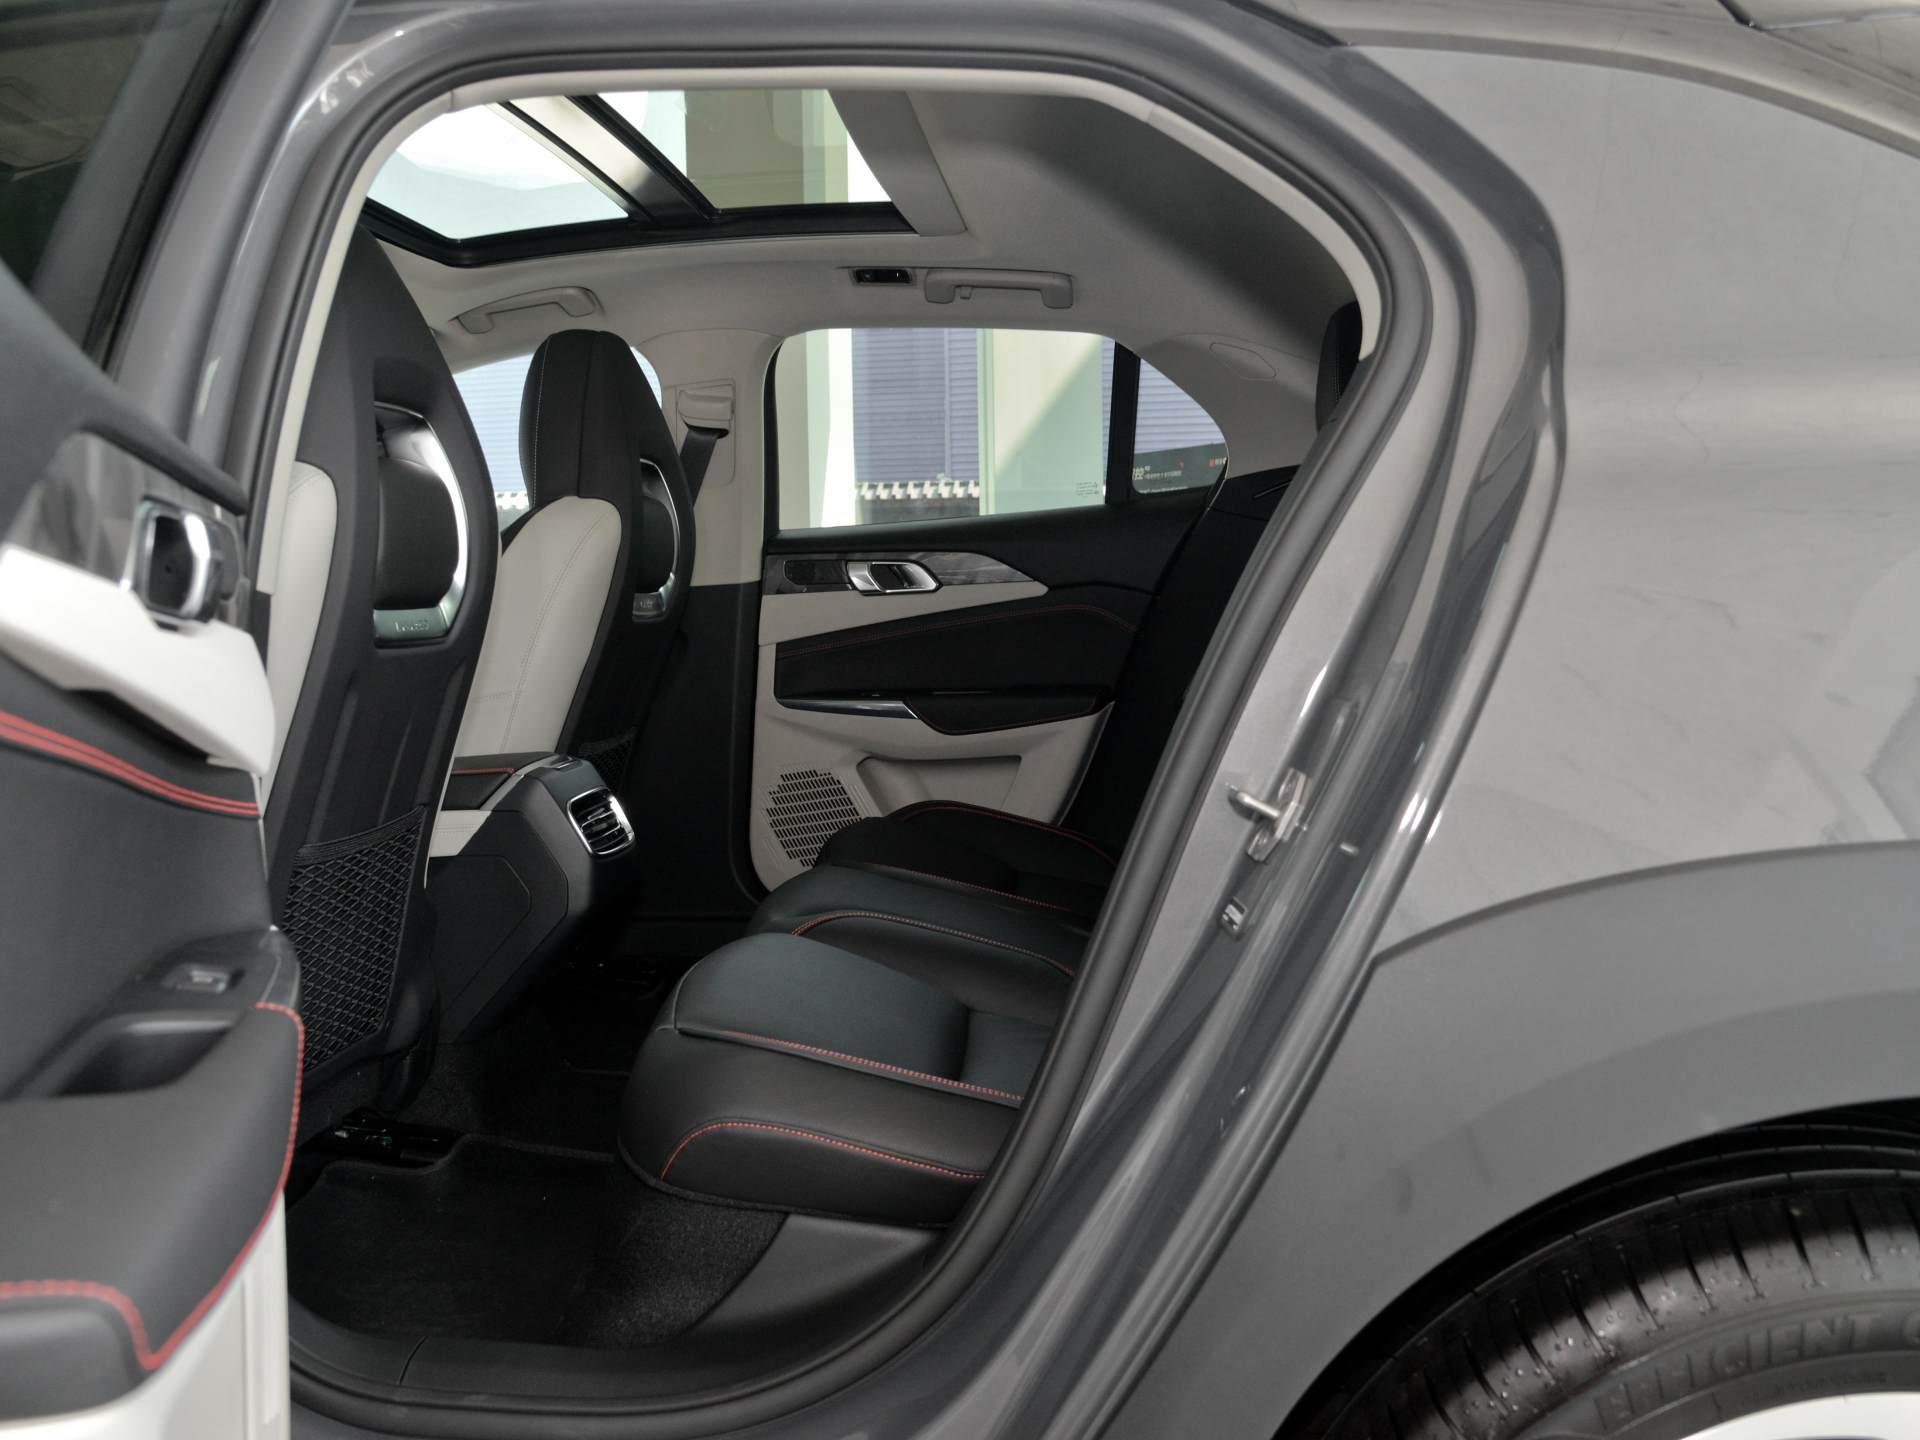 領克的SUV領克02:高配2.0T+6AT,軸距超2.7米,1萬元能接受嗎-圖6